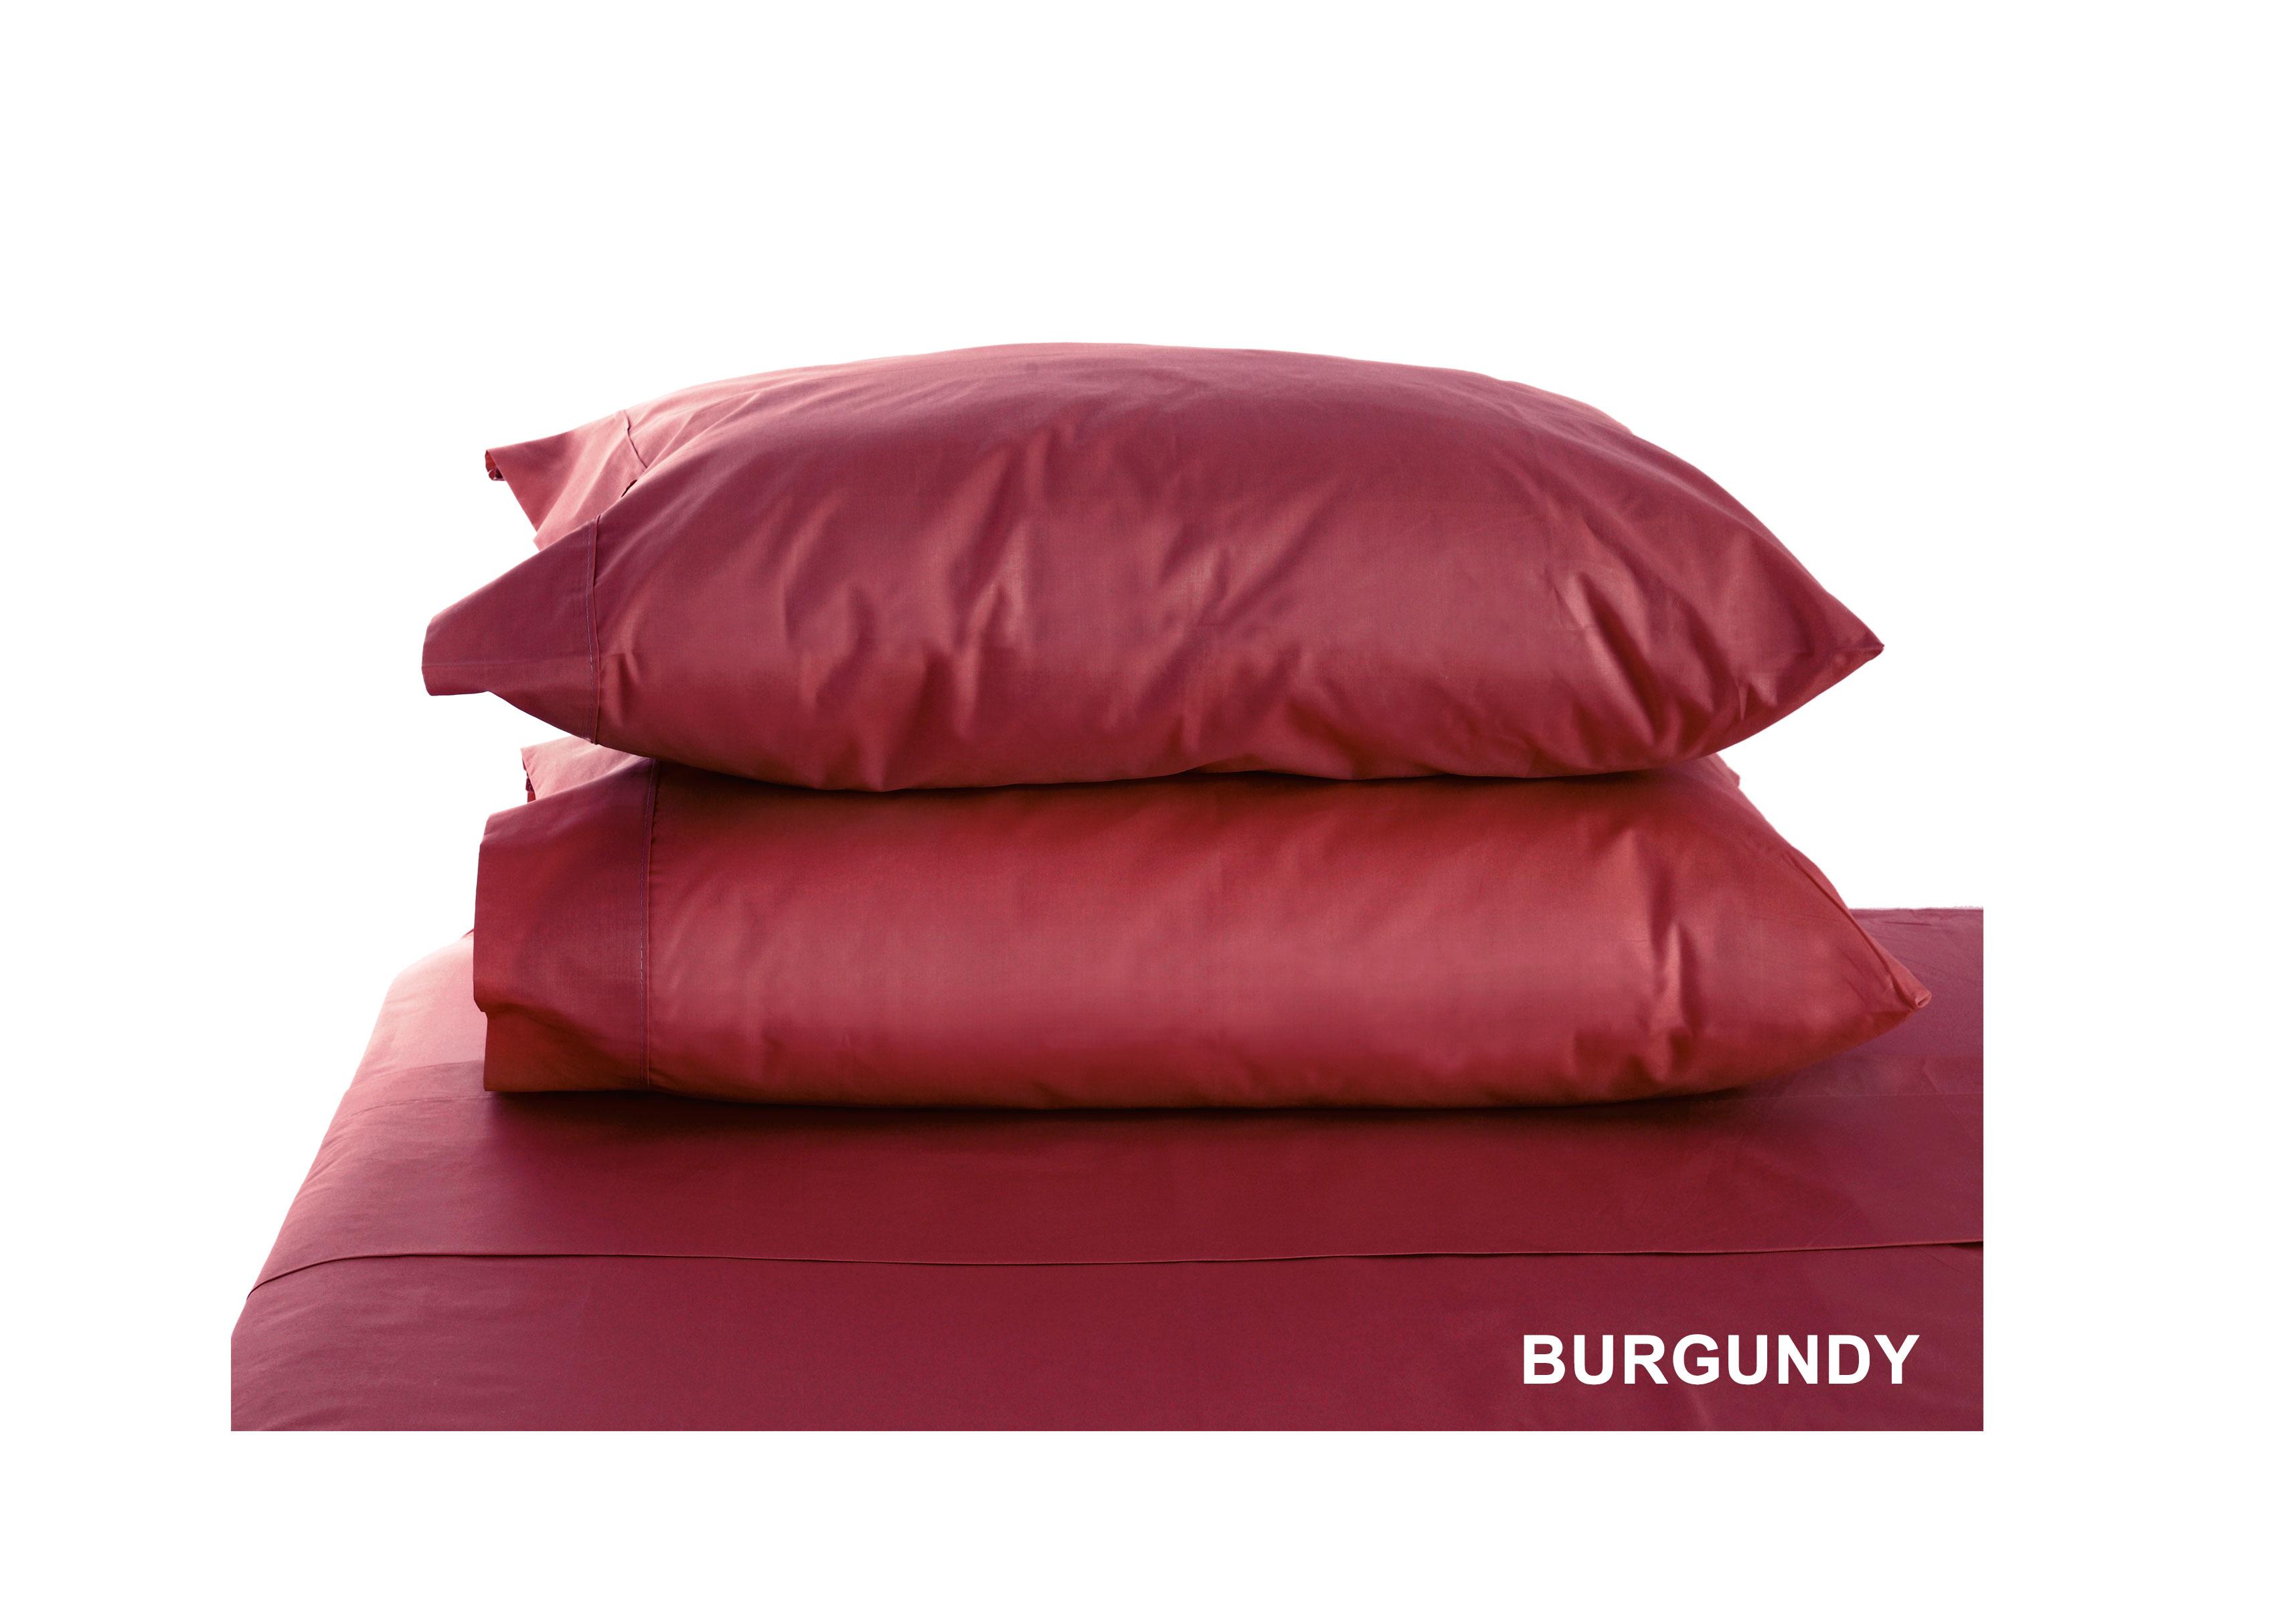 Swan Comfort Luxury Wrinkle & Fade Resistant Pillowcases ( Set of 2 ) - Burgundy, Standard 57dad88ee2246179947f8cff